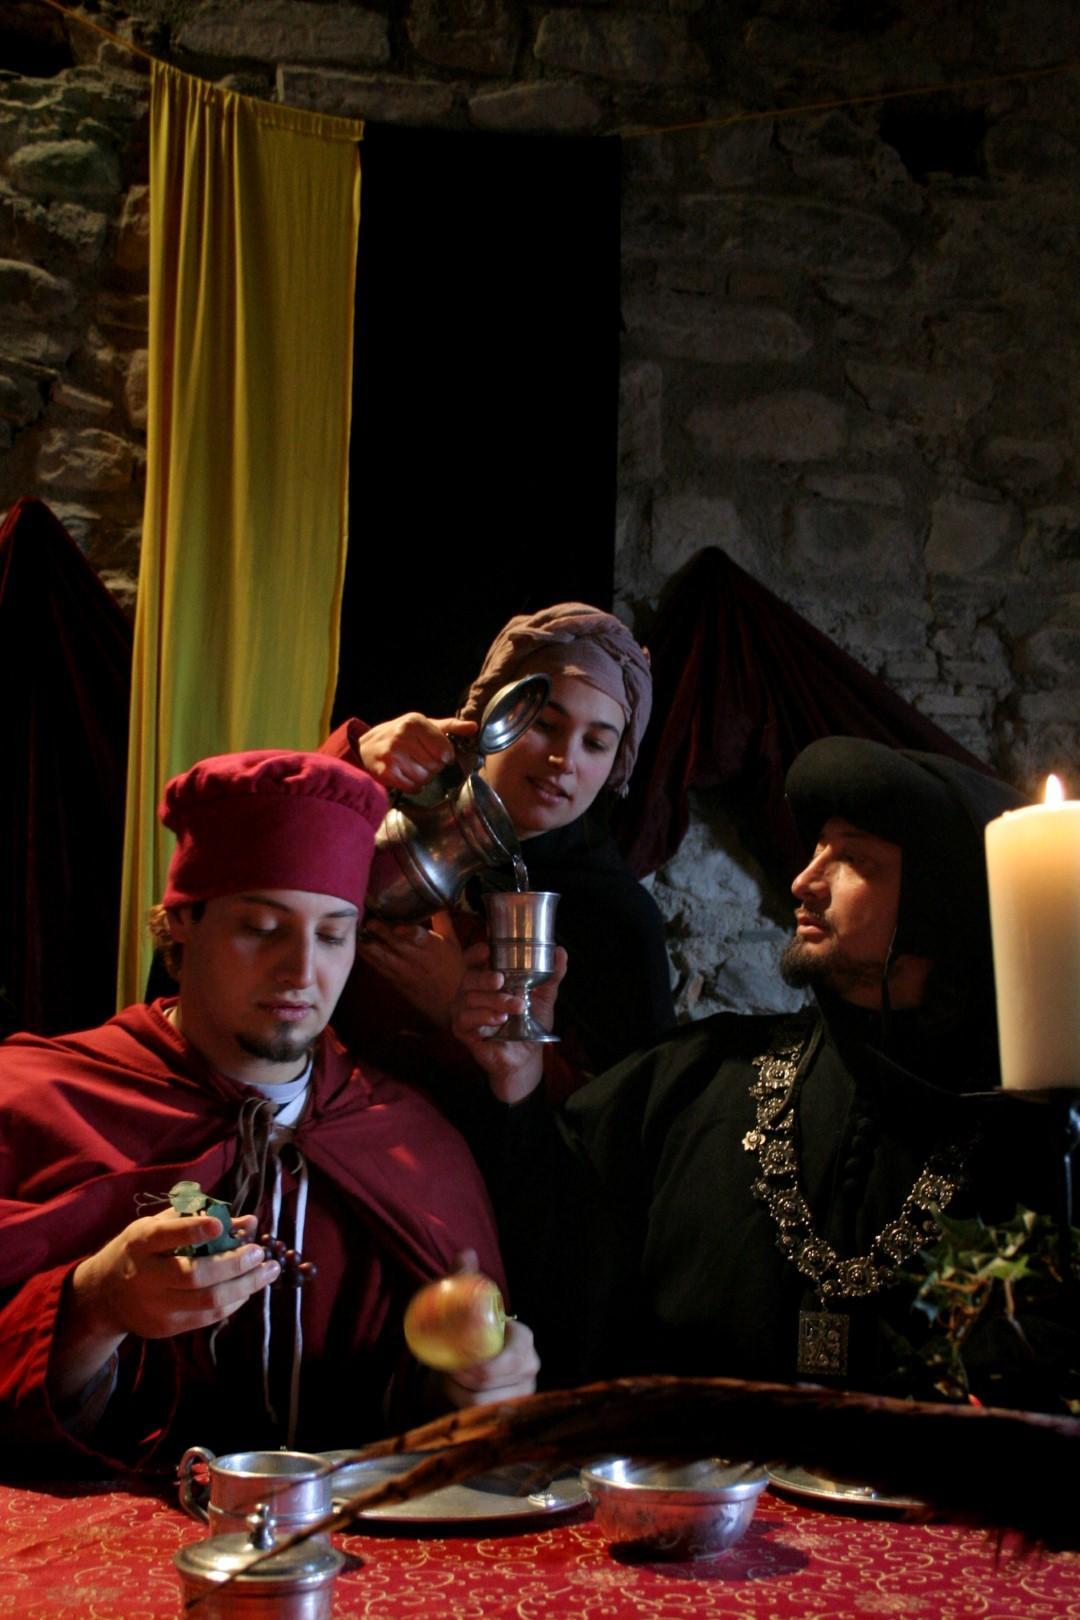 Spettri e streghe in festa: i luoghi di Halloween